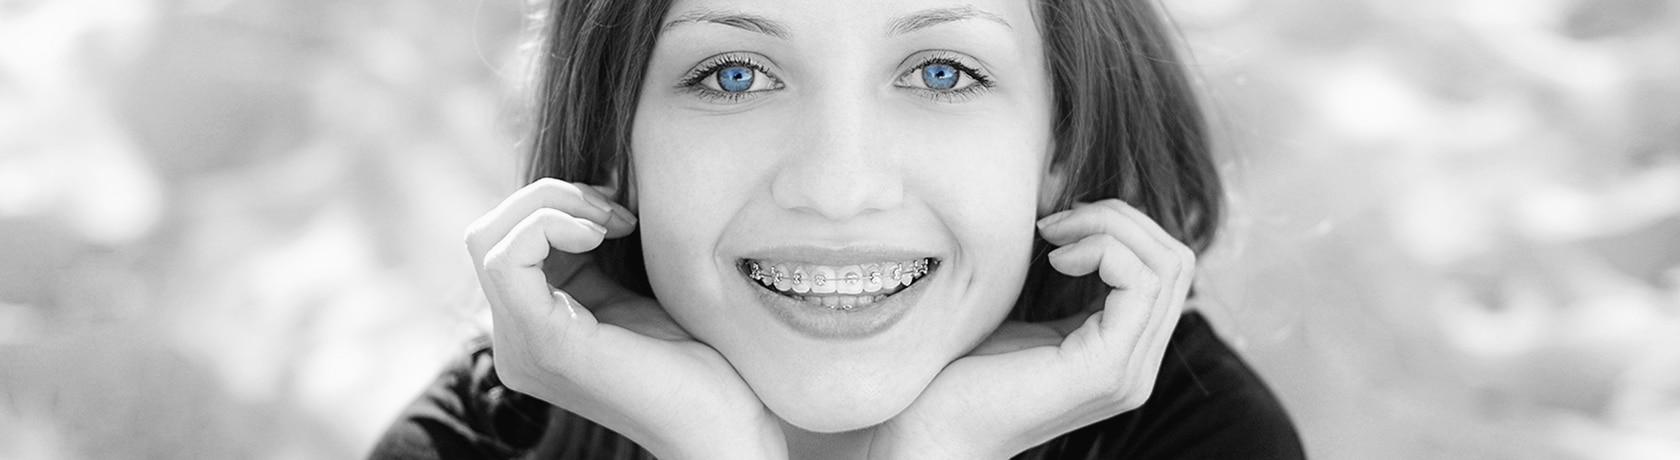 Board Certified Orthodontist In Centennial